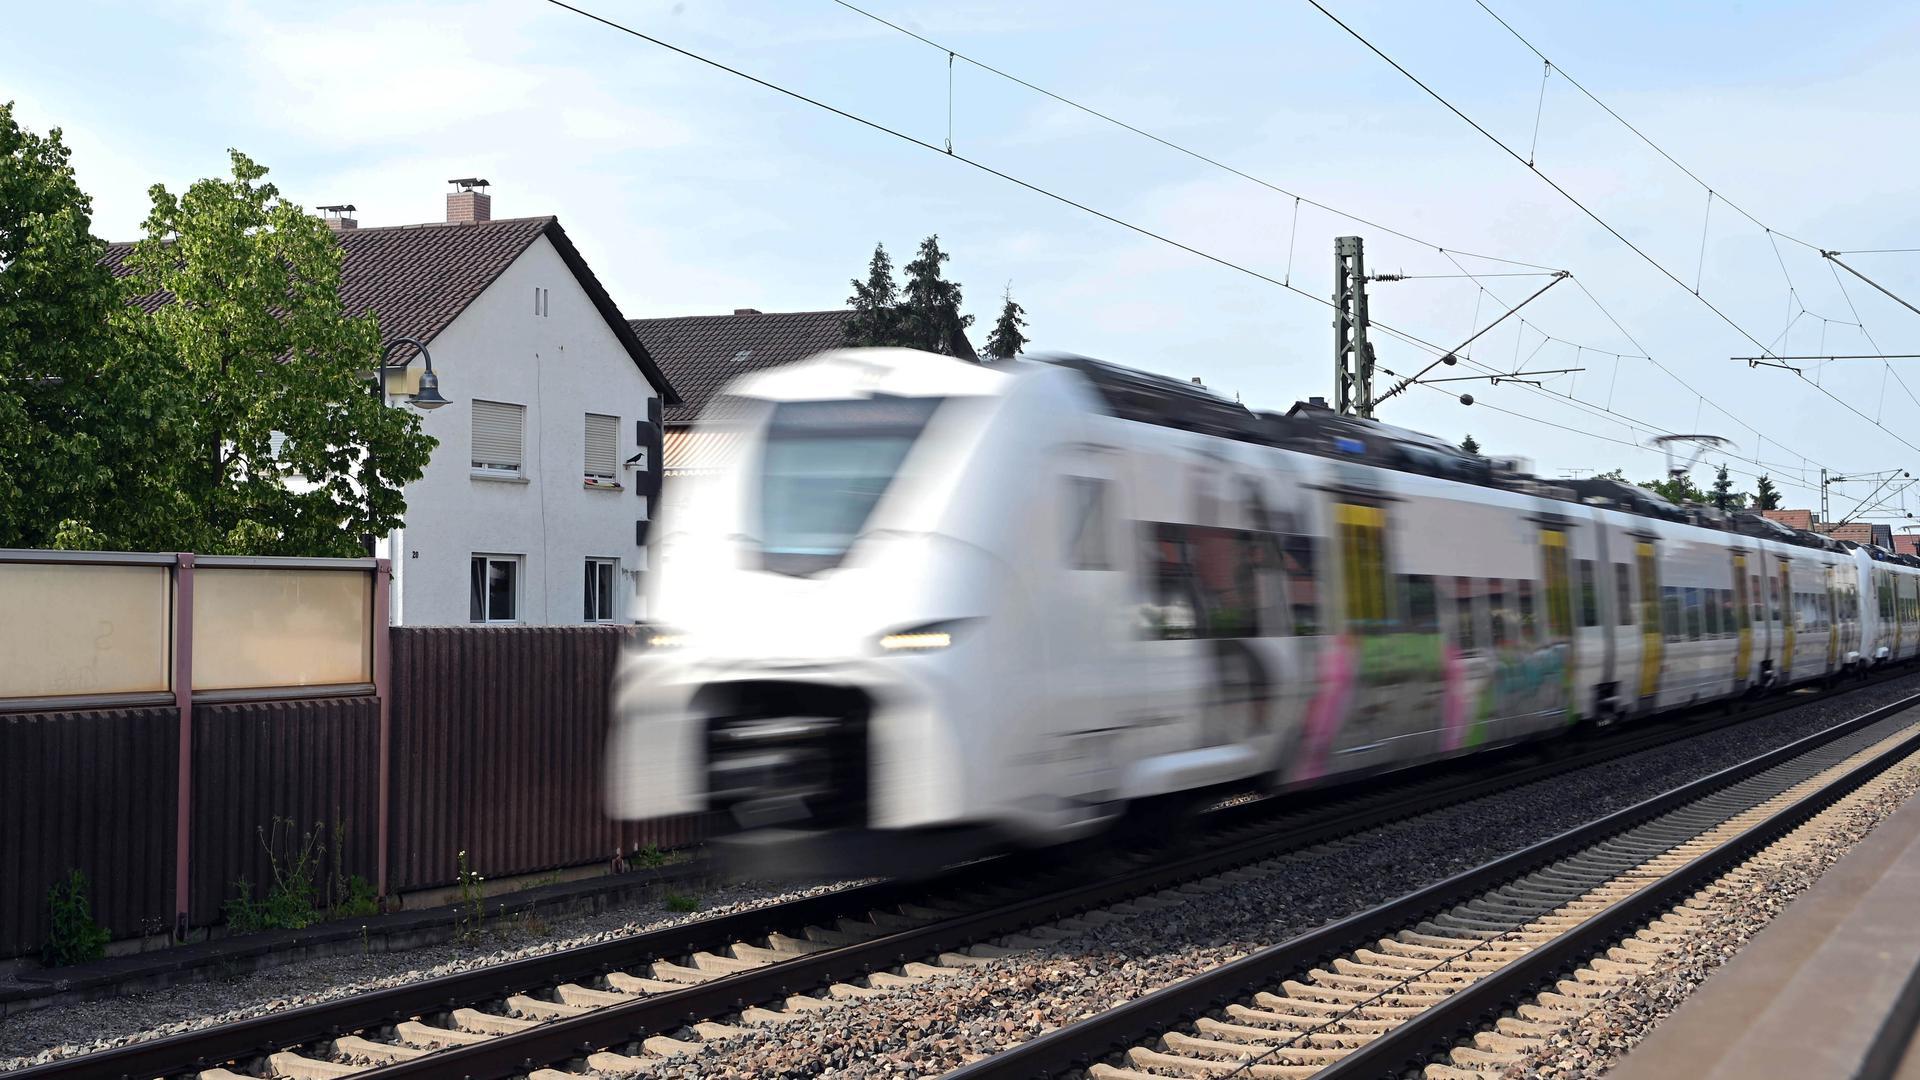 Bahnstrecke Karlsruhe-Mannheim: Viele Kommunen befürchten bei verstärktem Güter- und Personenverkehr weitere Lärmbelästigungen.